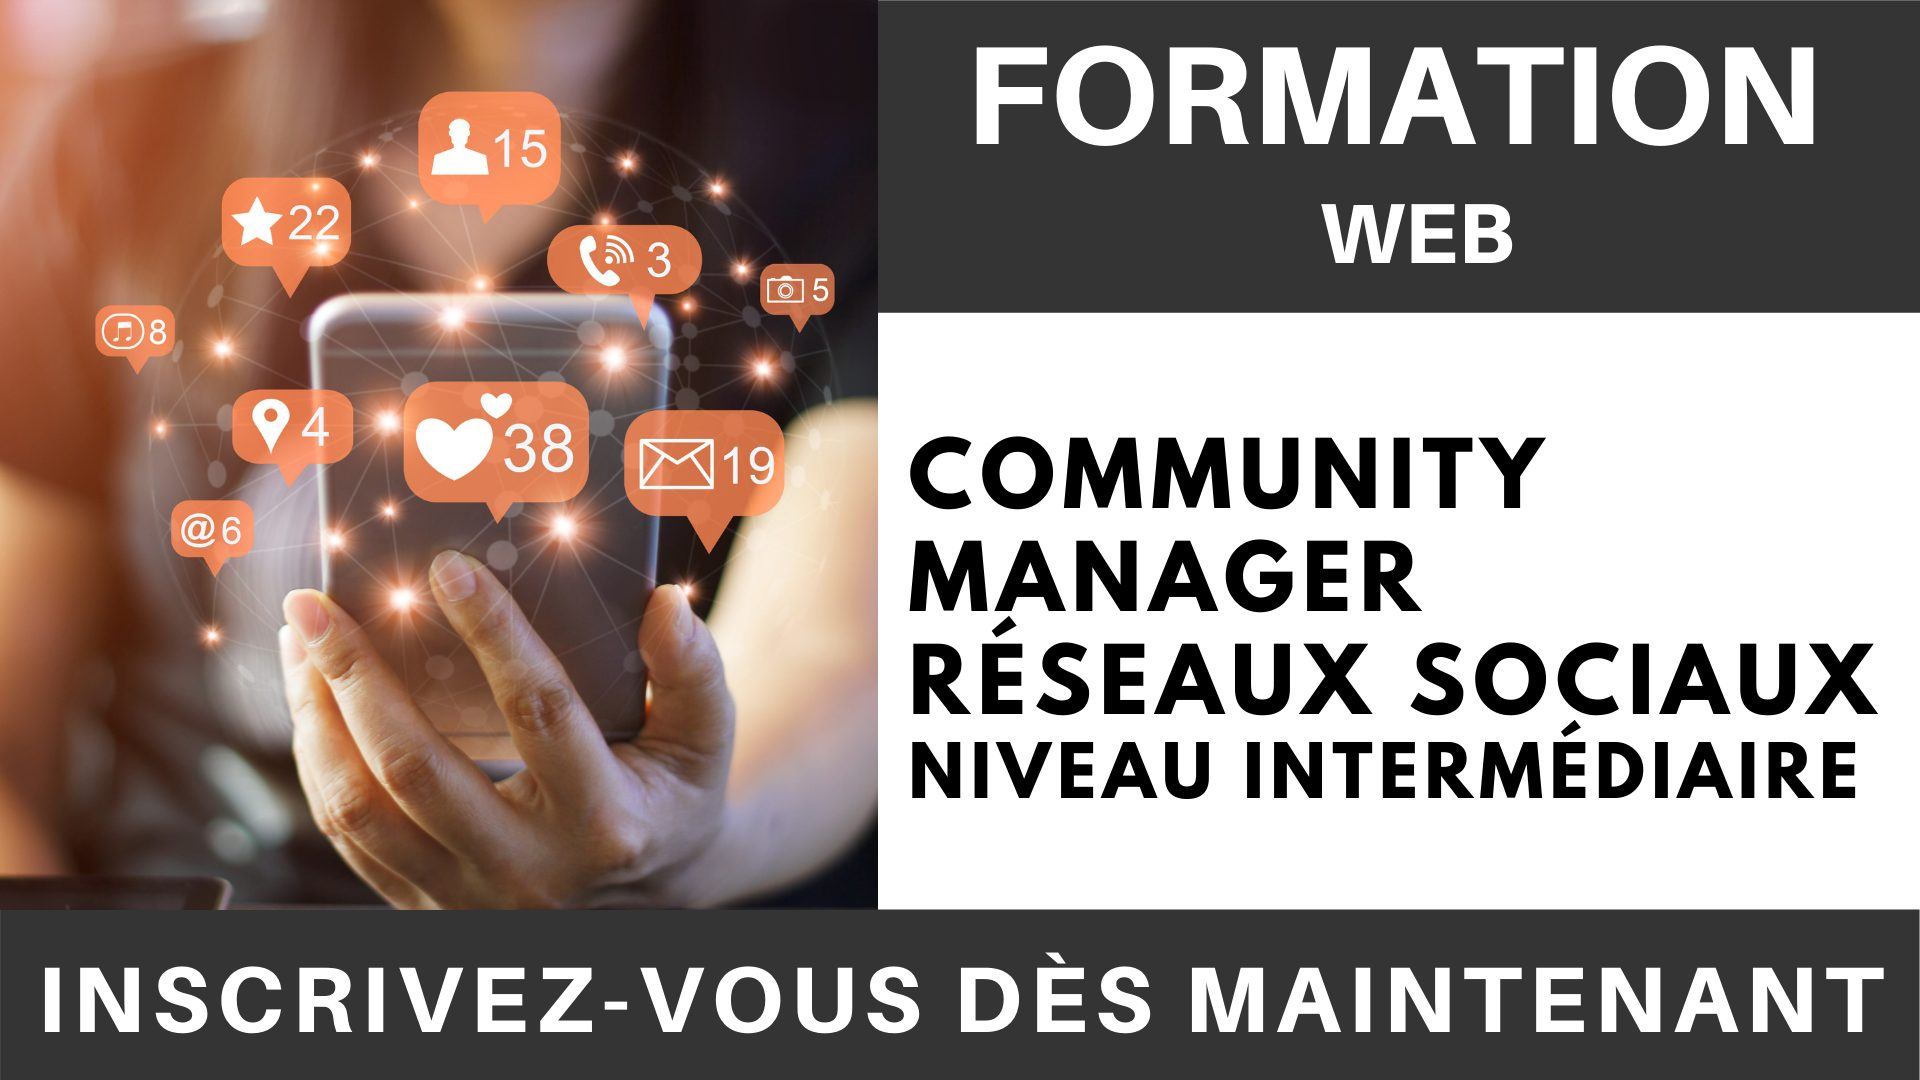 Formation WEB - Community Manager Réseaux sociaux Niveau intermédiaire